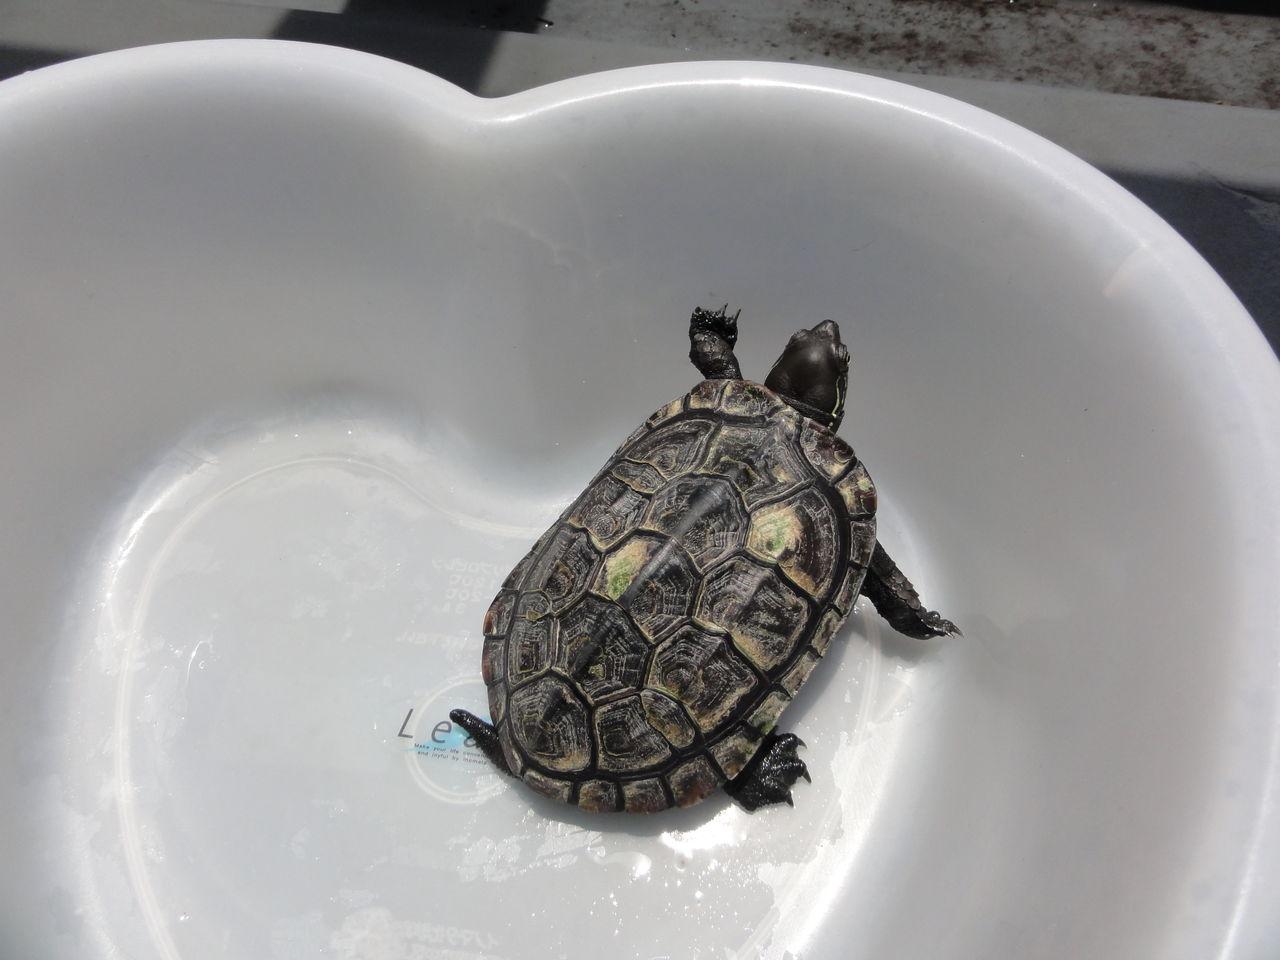 清掃中は、ちょびを洗面器に入れてます。